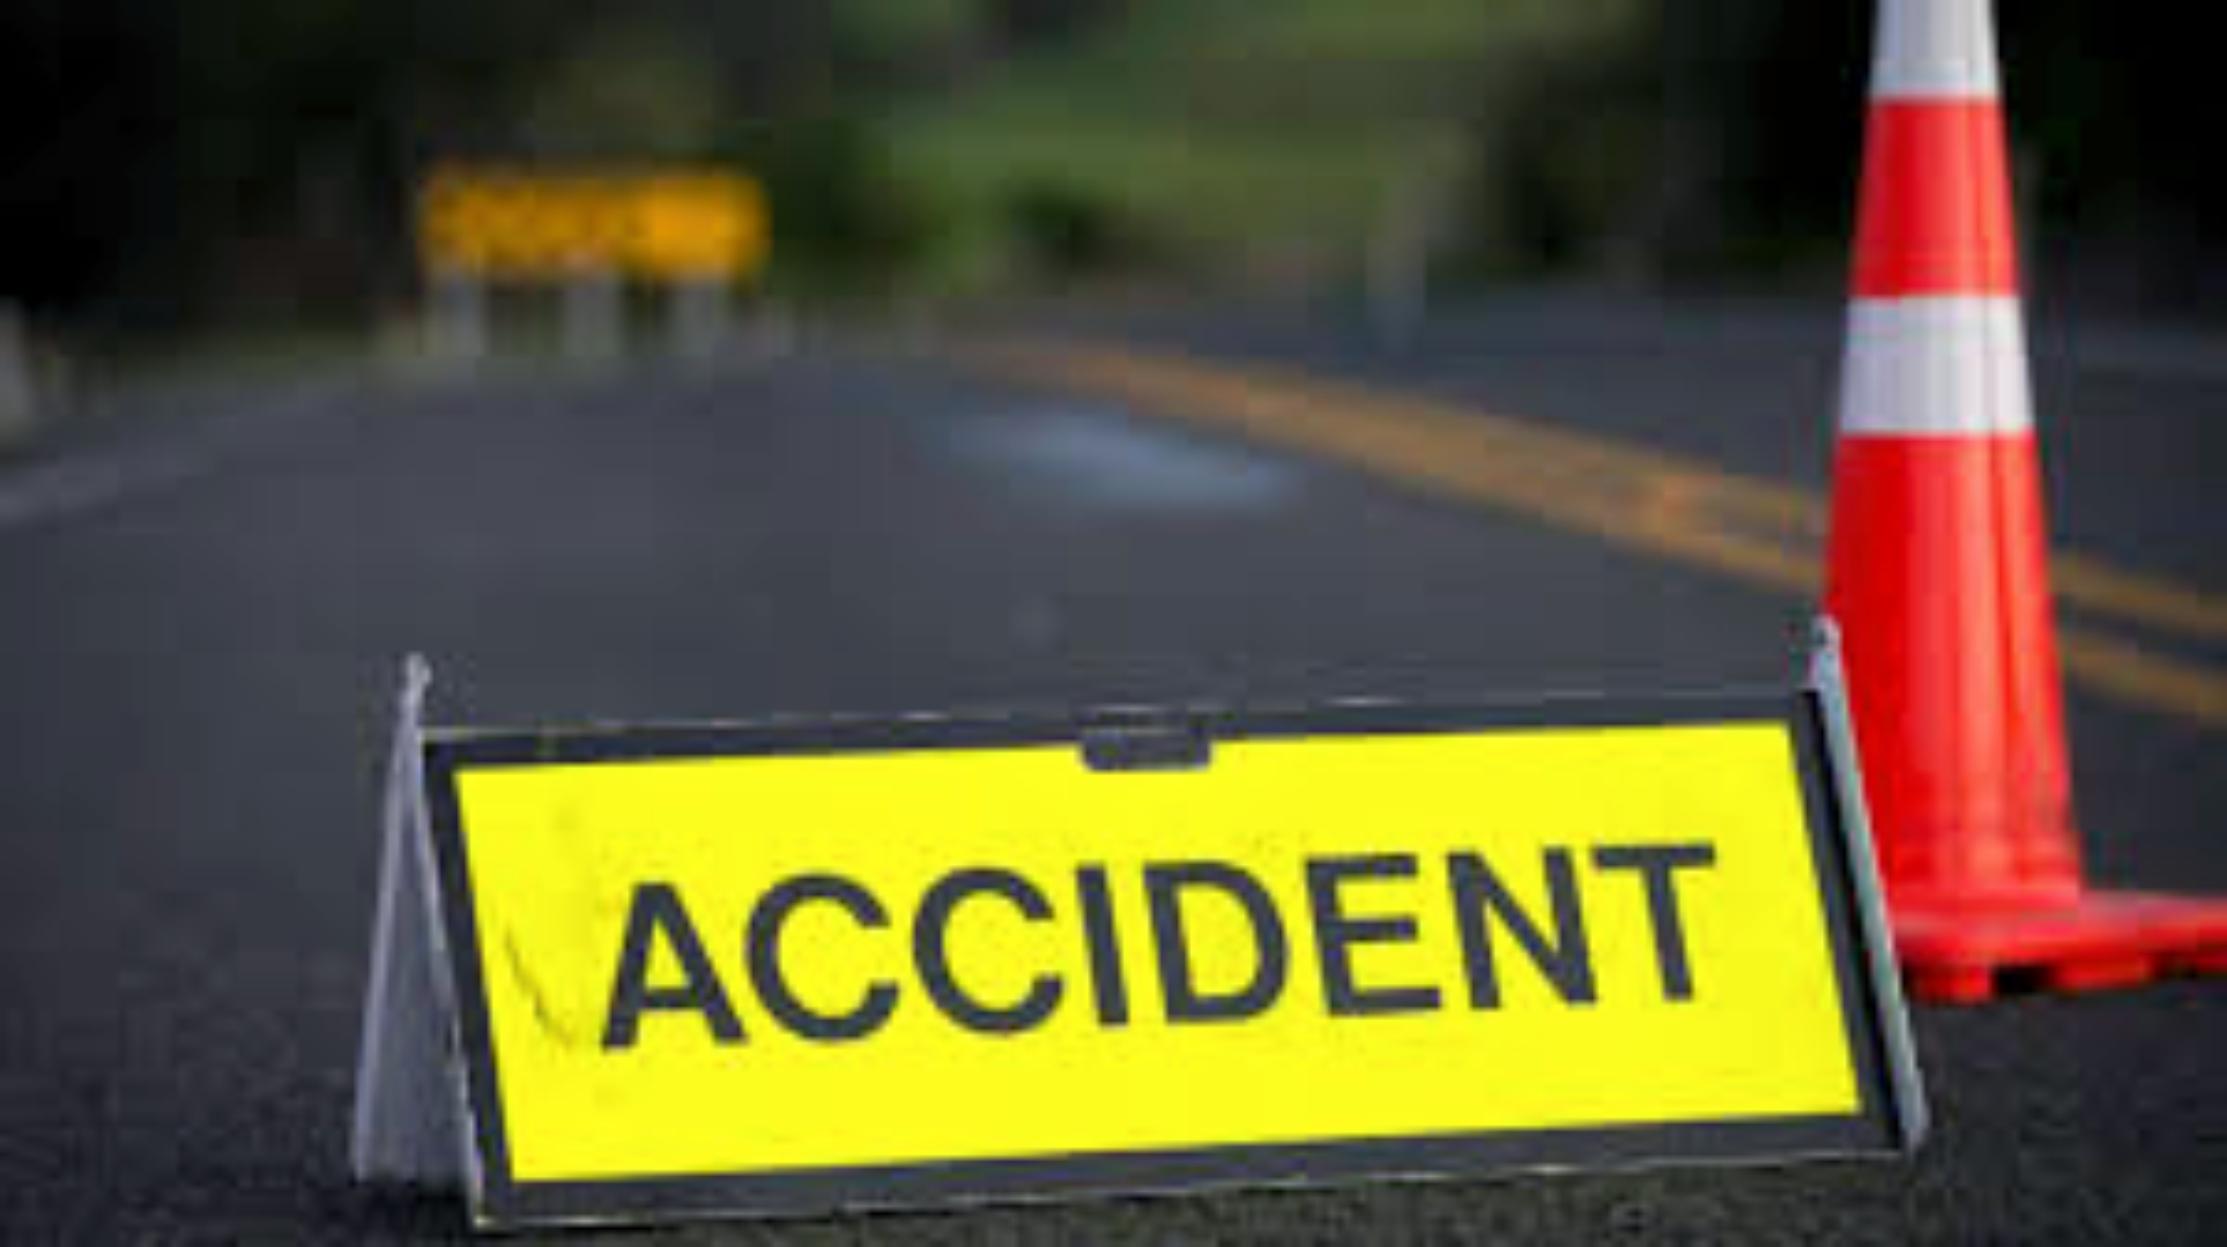 झापाको दमकमा दुर्घटना हुंदा अटो चालक सहित दुईको मृत्यु